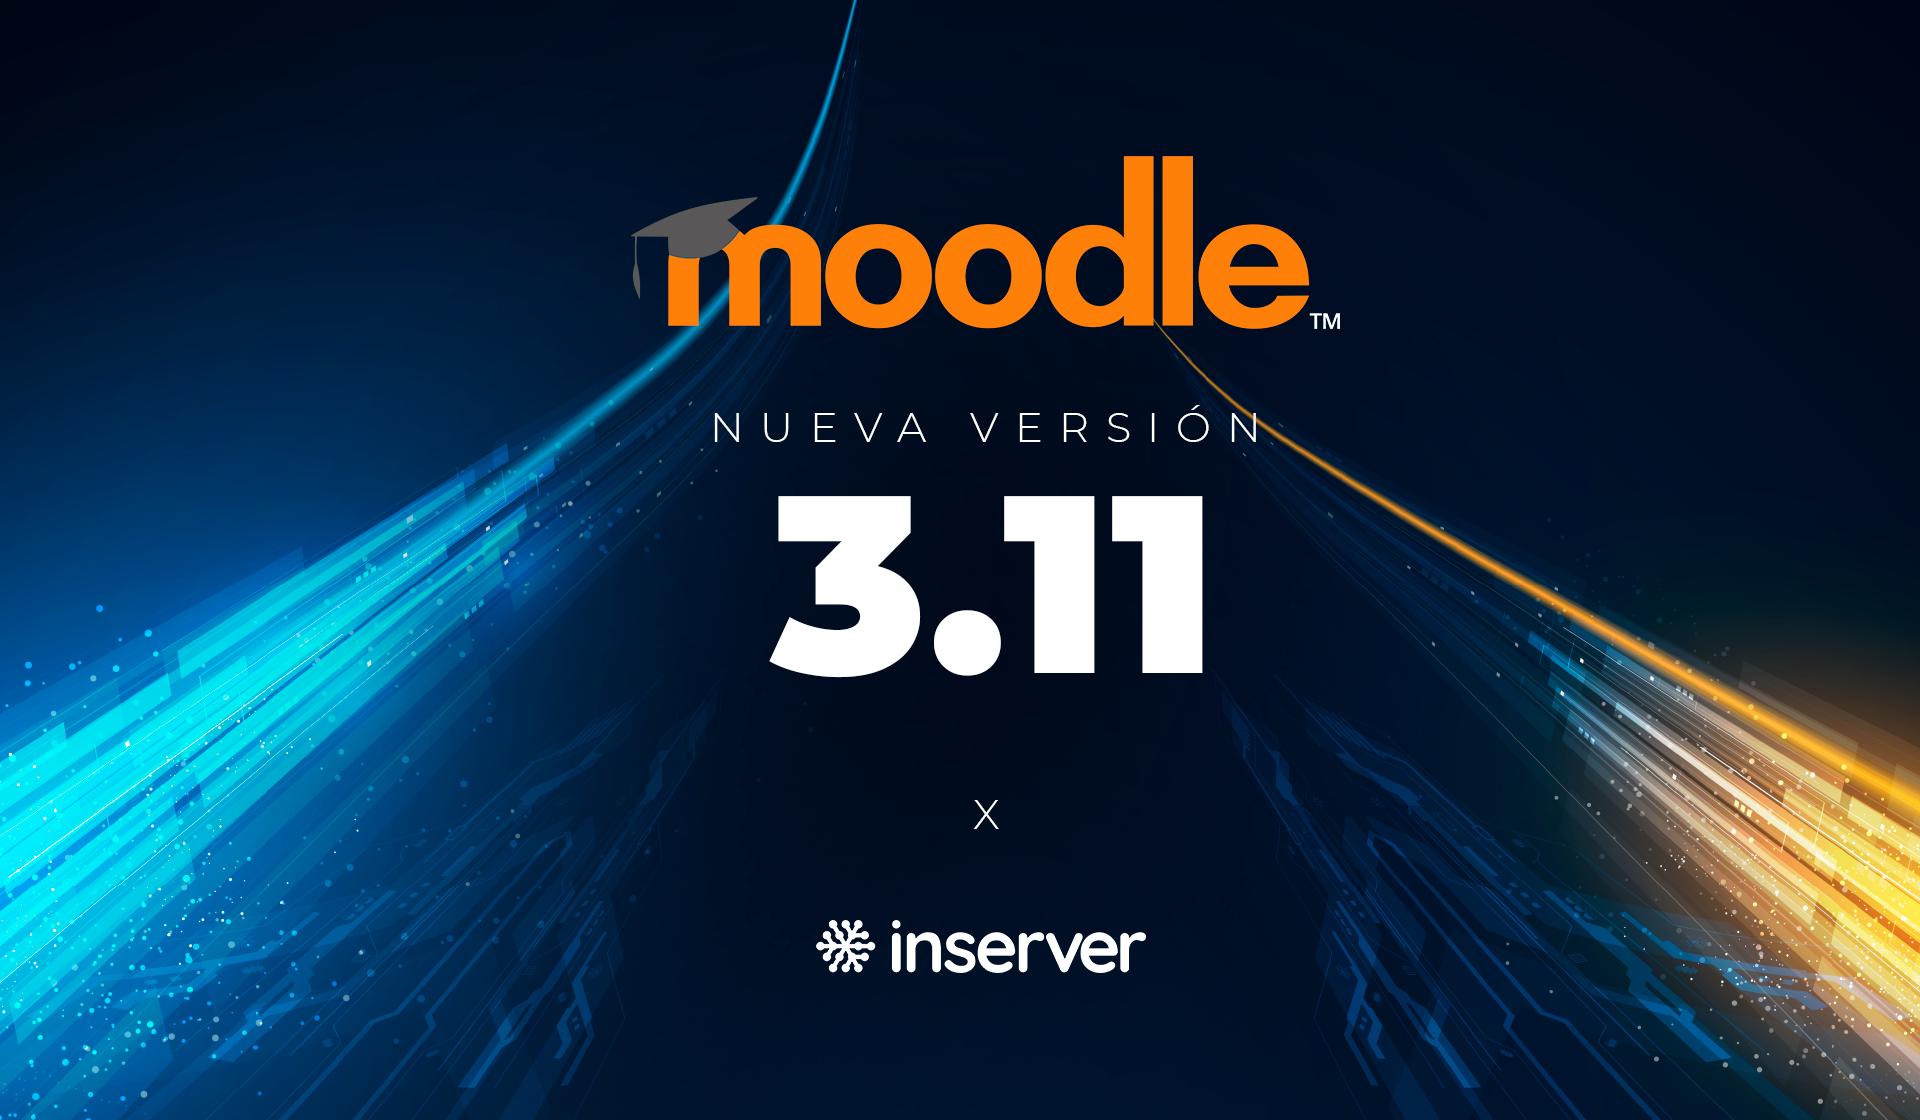 Las novedades y mejoras de Moodle 3.11